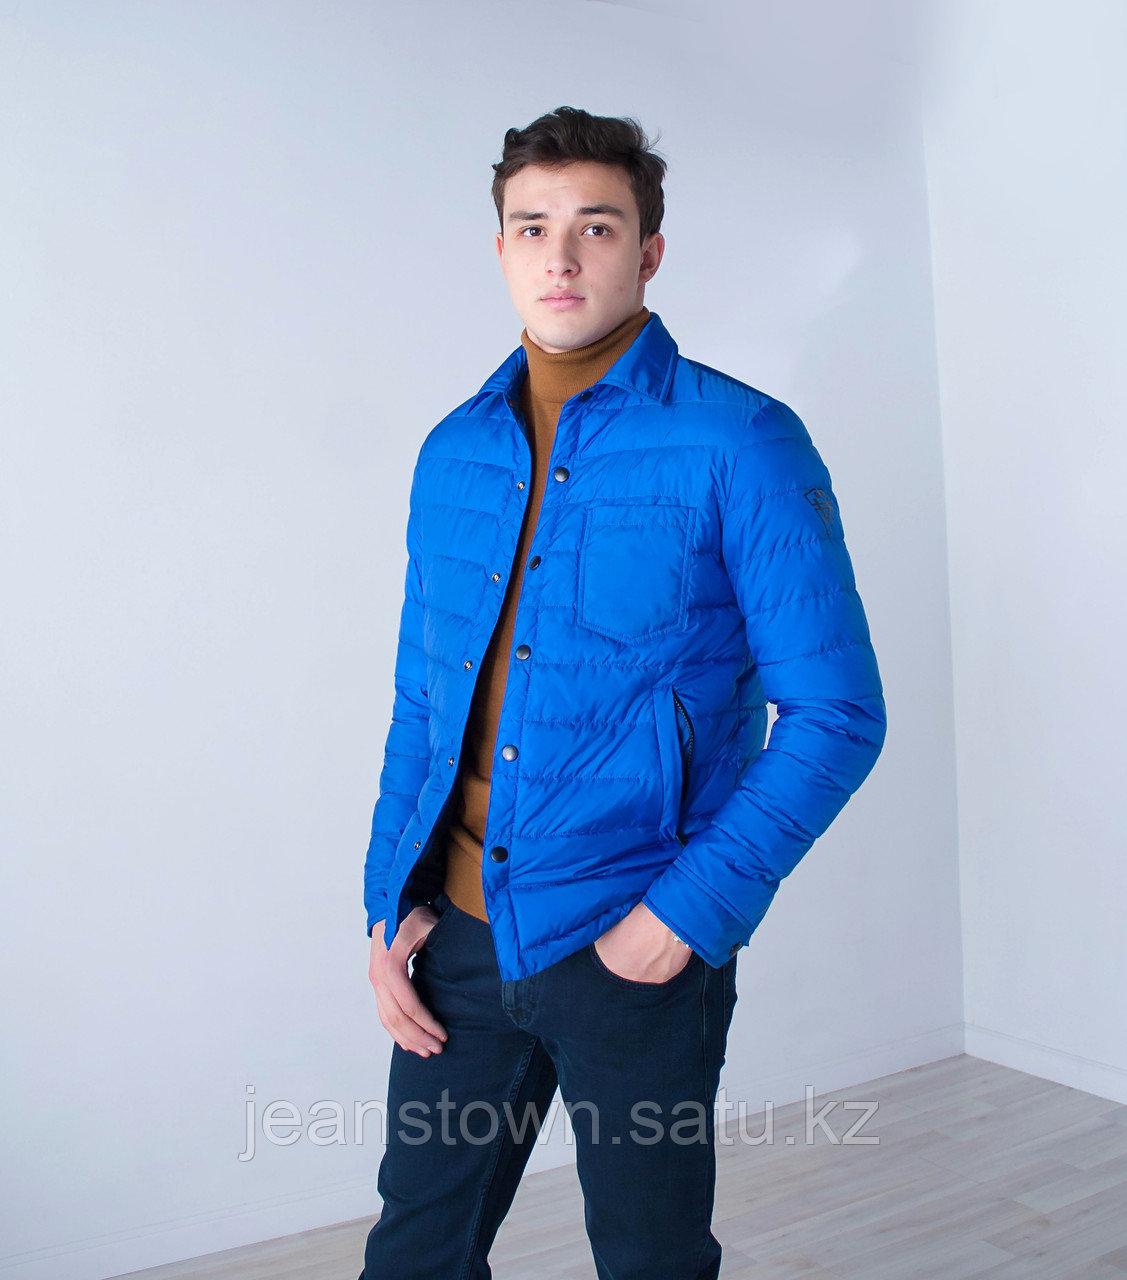 Куртка мужская  демисезонная Vivacana ярко синяя